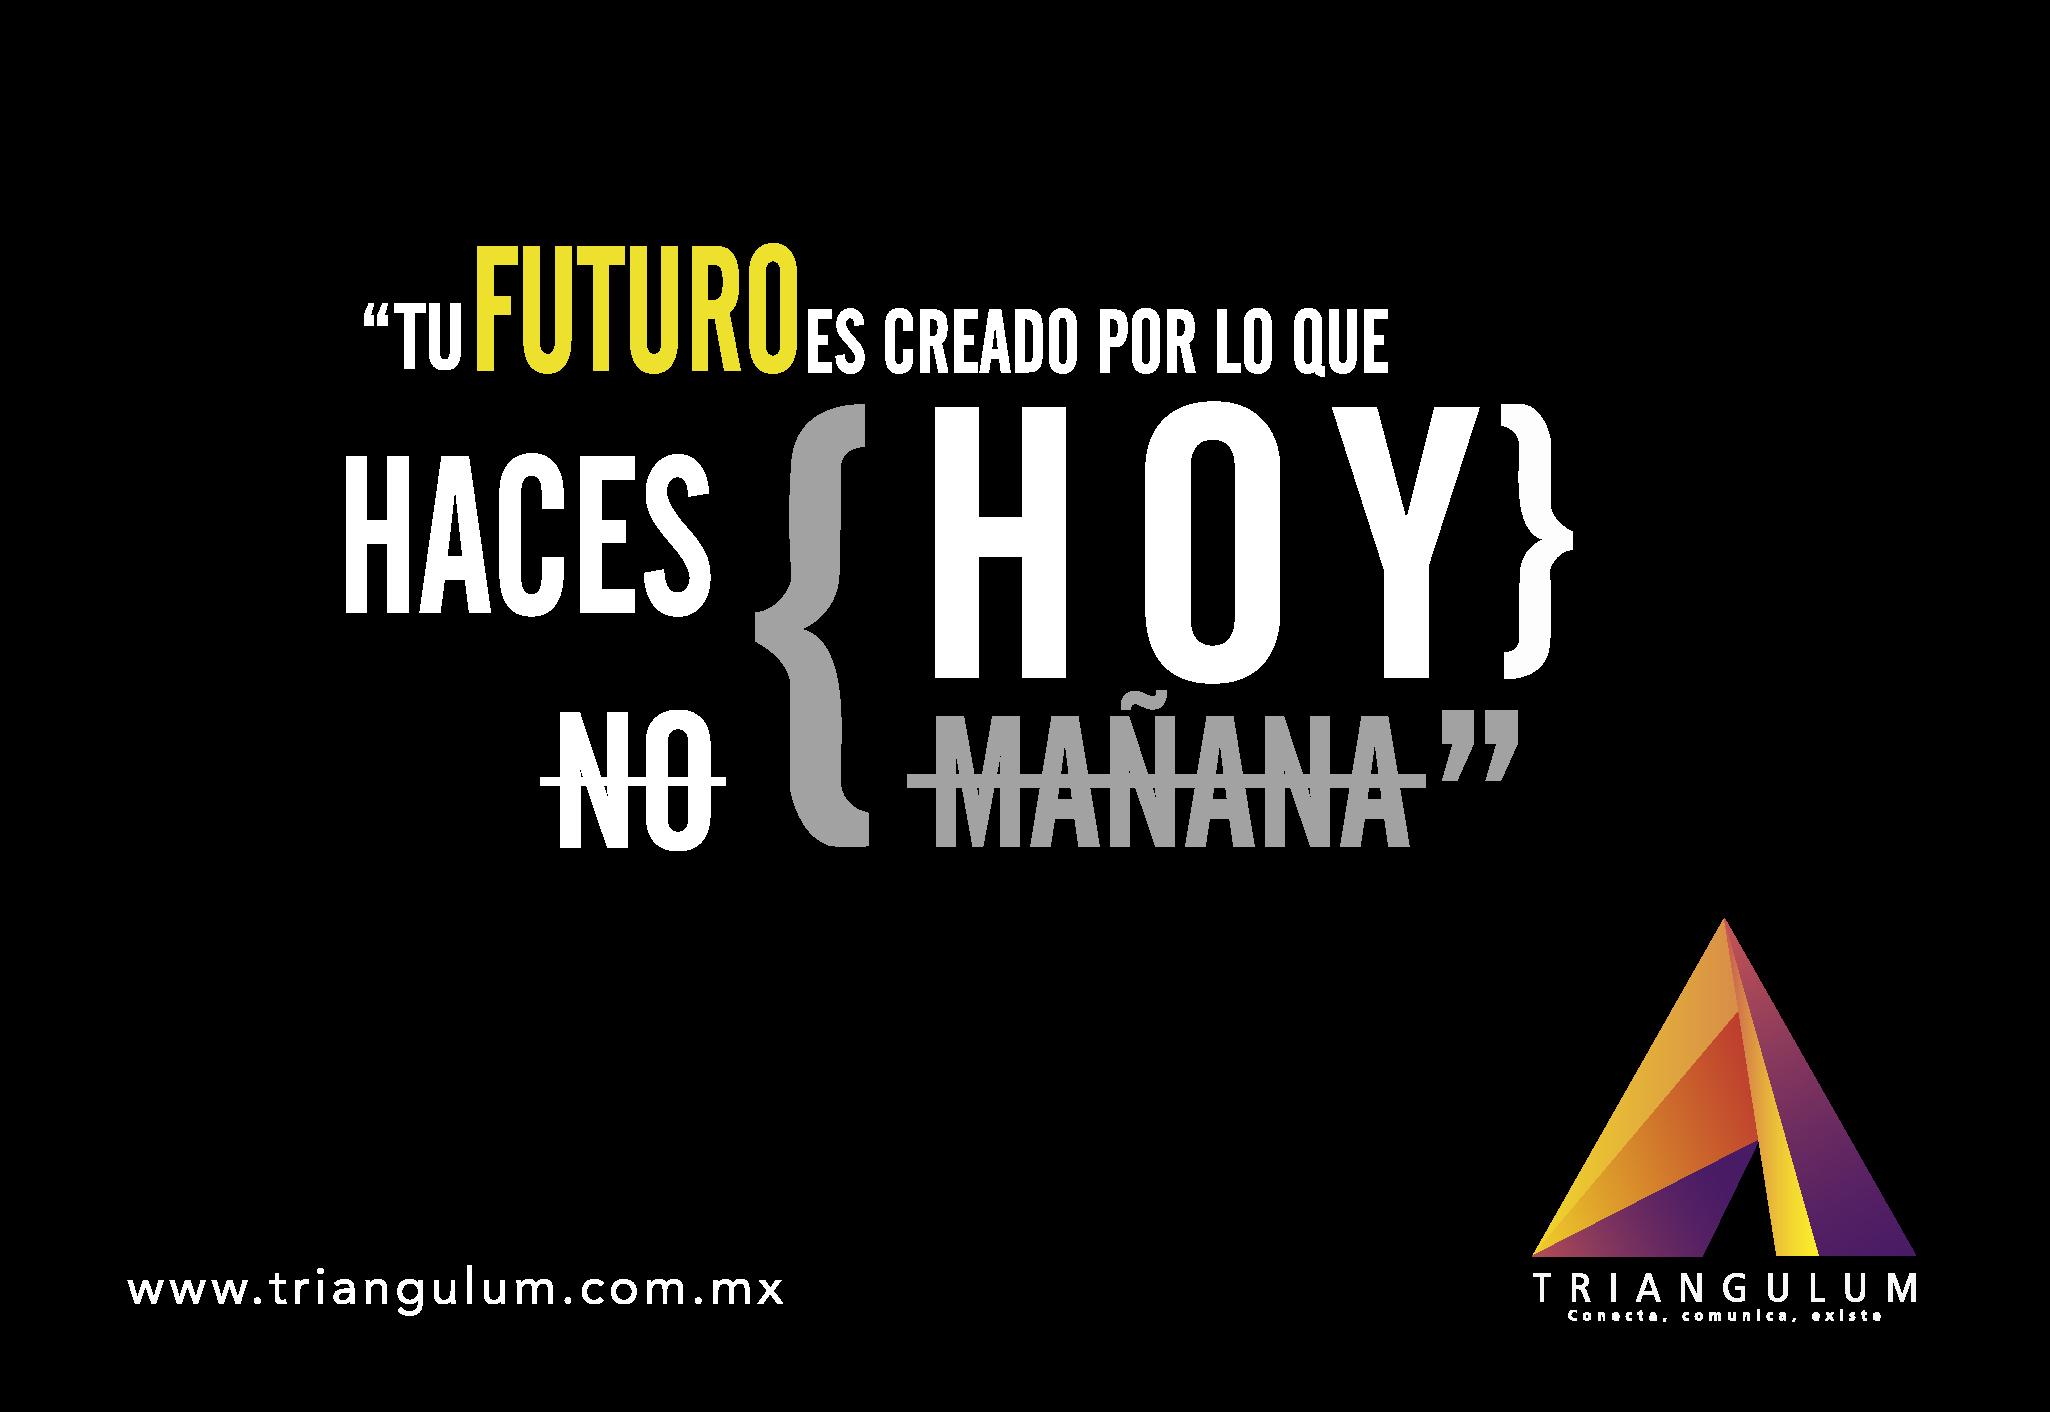 Tu futuro es creado por lo que haces hoy, no mañana